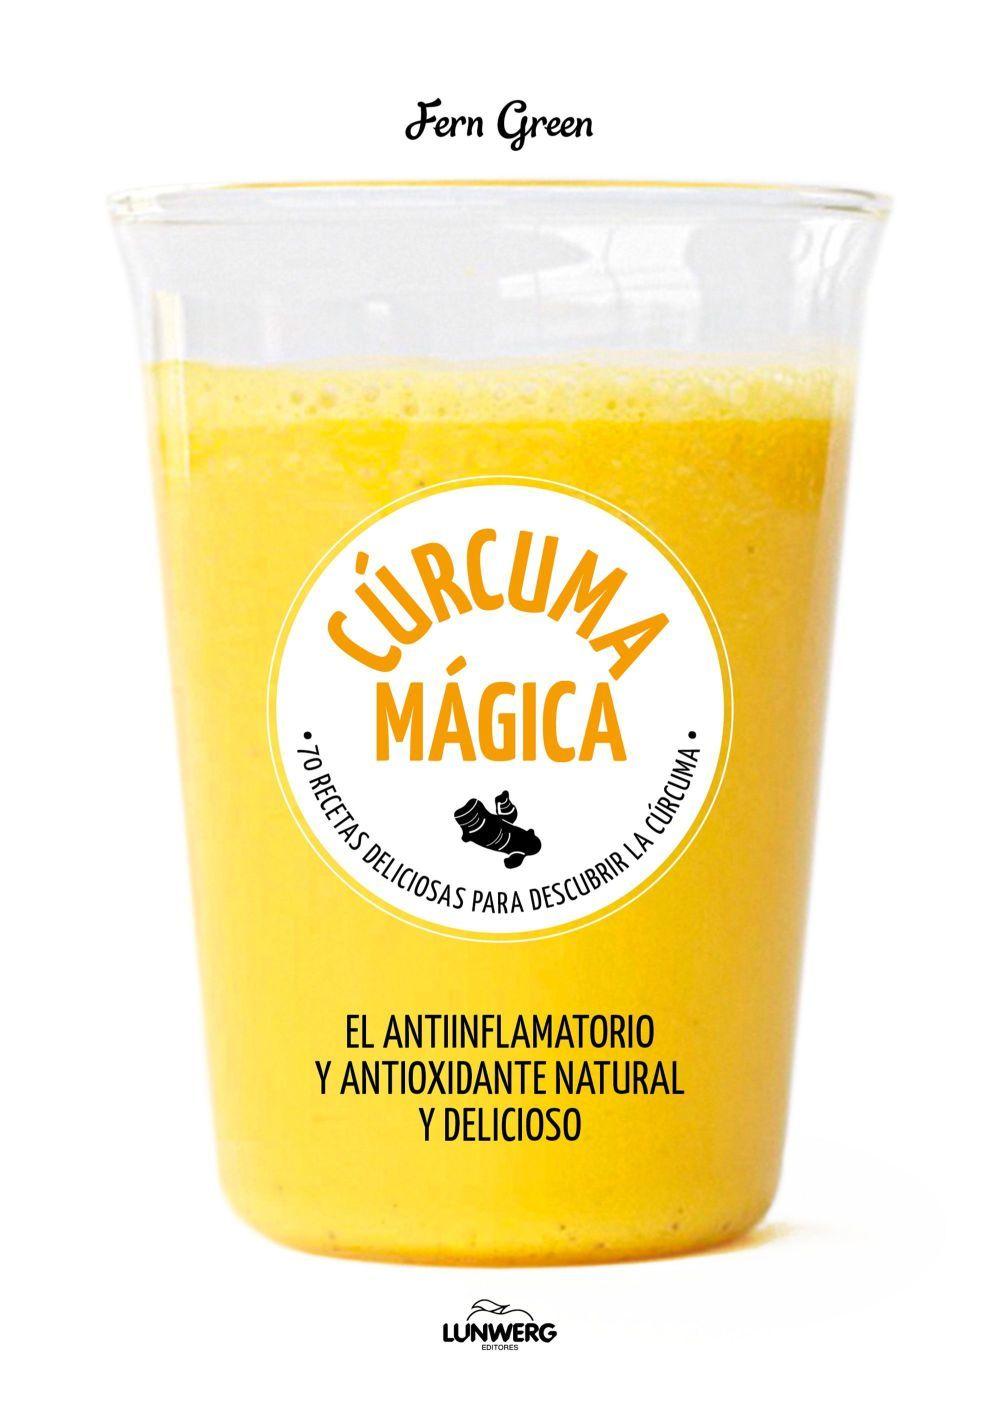 Cúrcuma Mágica. Fern Green (Editorial Lunwerg), 11,95 euros